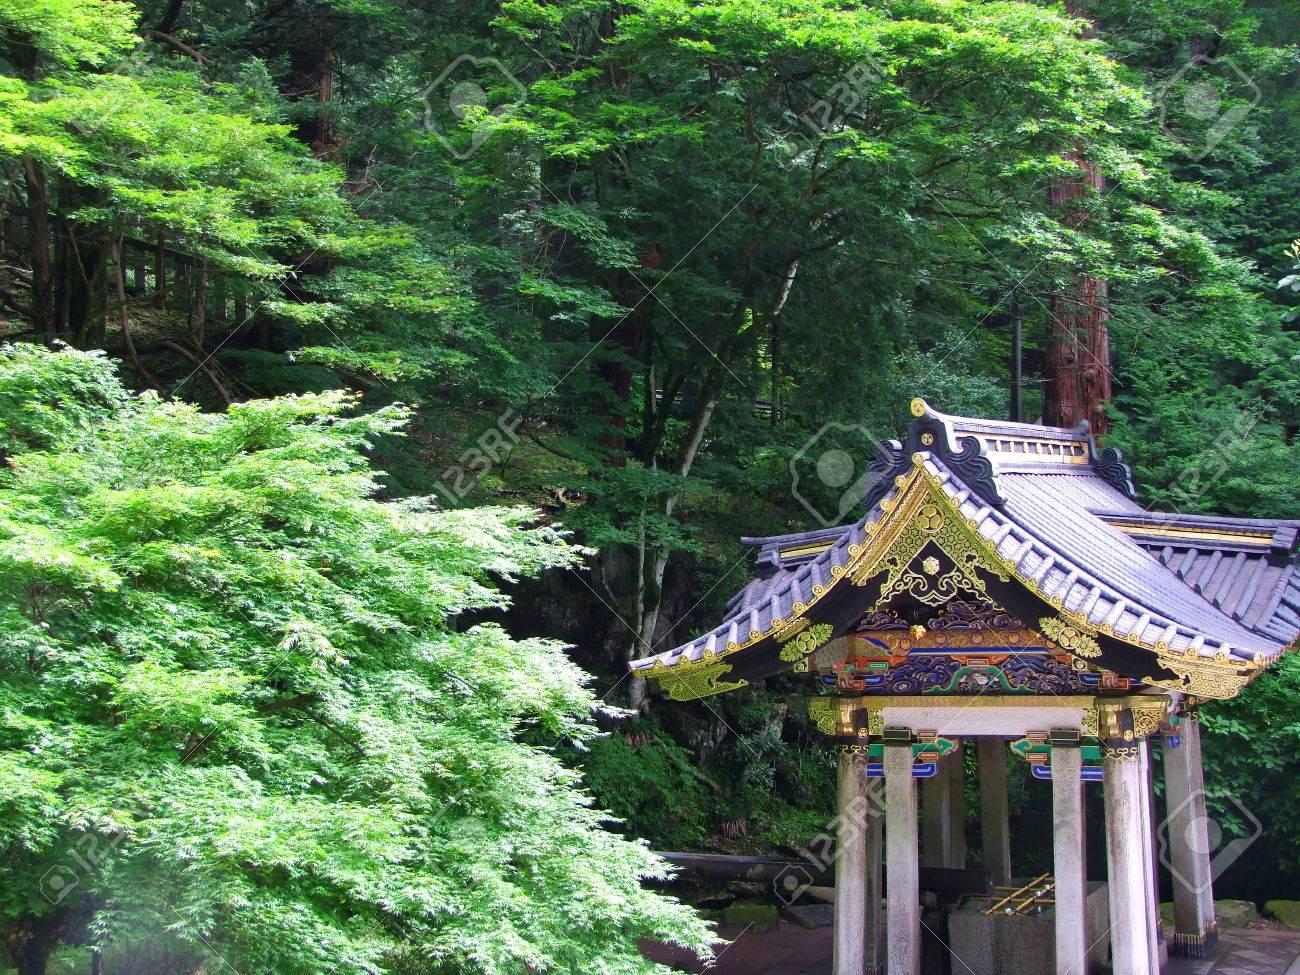 Erable Du Japon Petit un petit sanctuaire japonais coloré est entouré par momiji, Érable du  japon, dans la forêt.